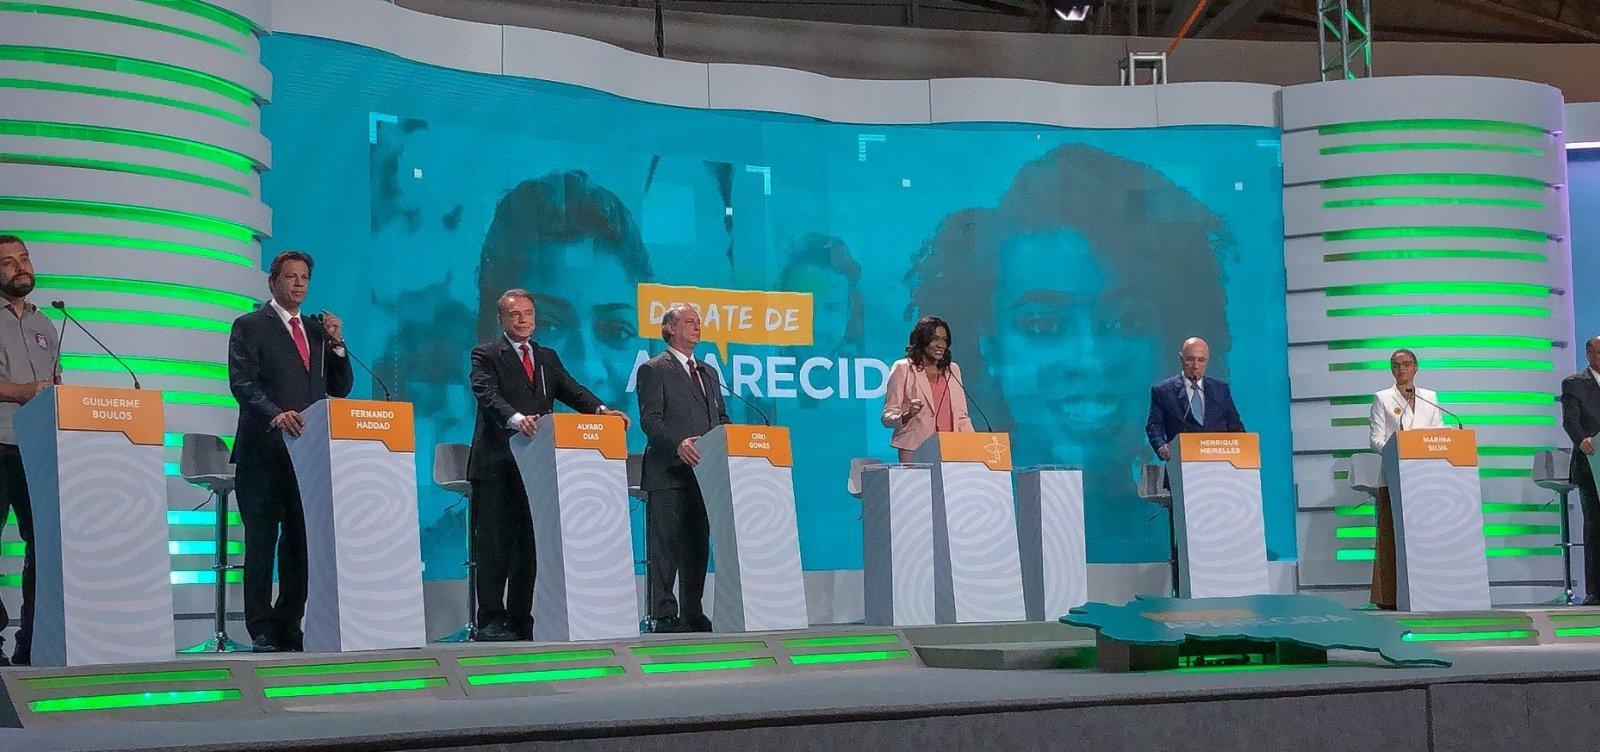 Em seu primeiro debate, Haddad protagoniza confrontos com Alckmin e Meirelles